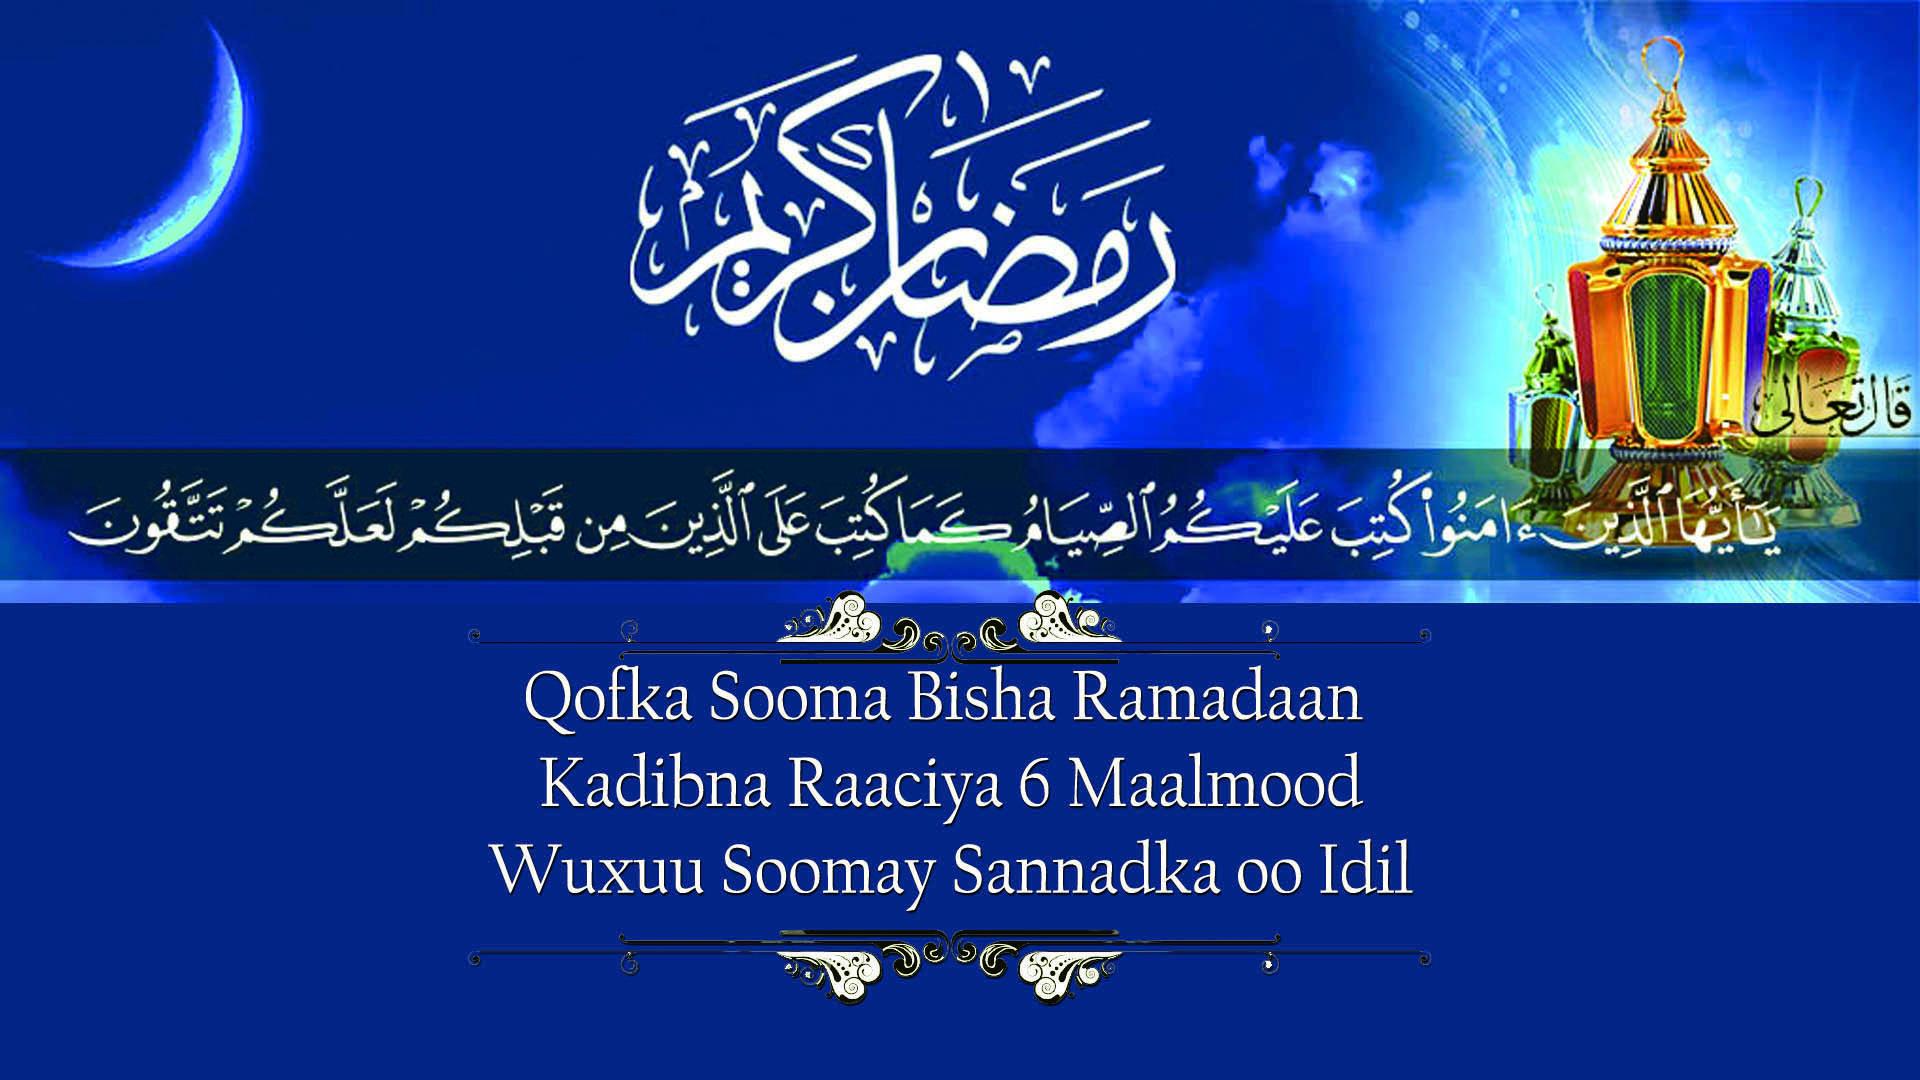 Qofka Sooma Bisha Ramadaan Kadibna Raaciya 6 Maalmood Wuxuu Soomay Sannadka oo Idil